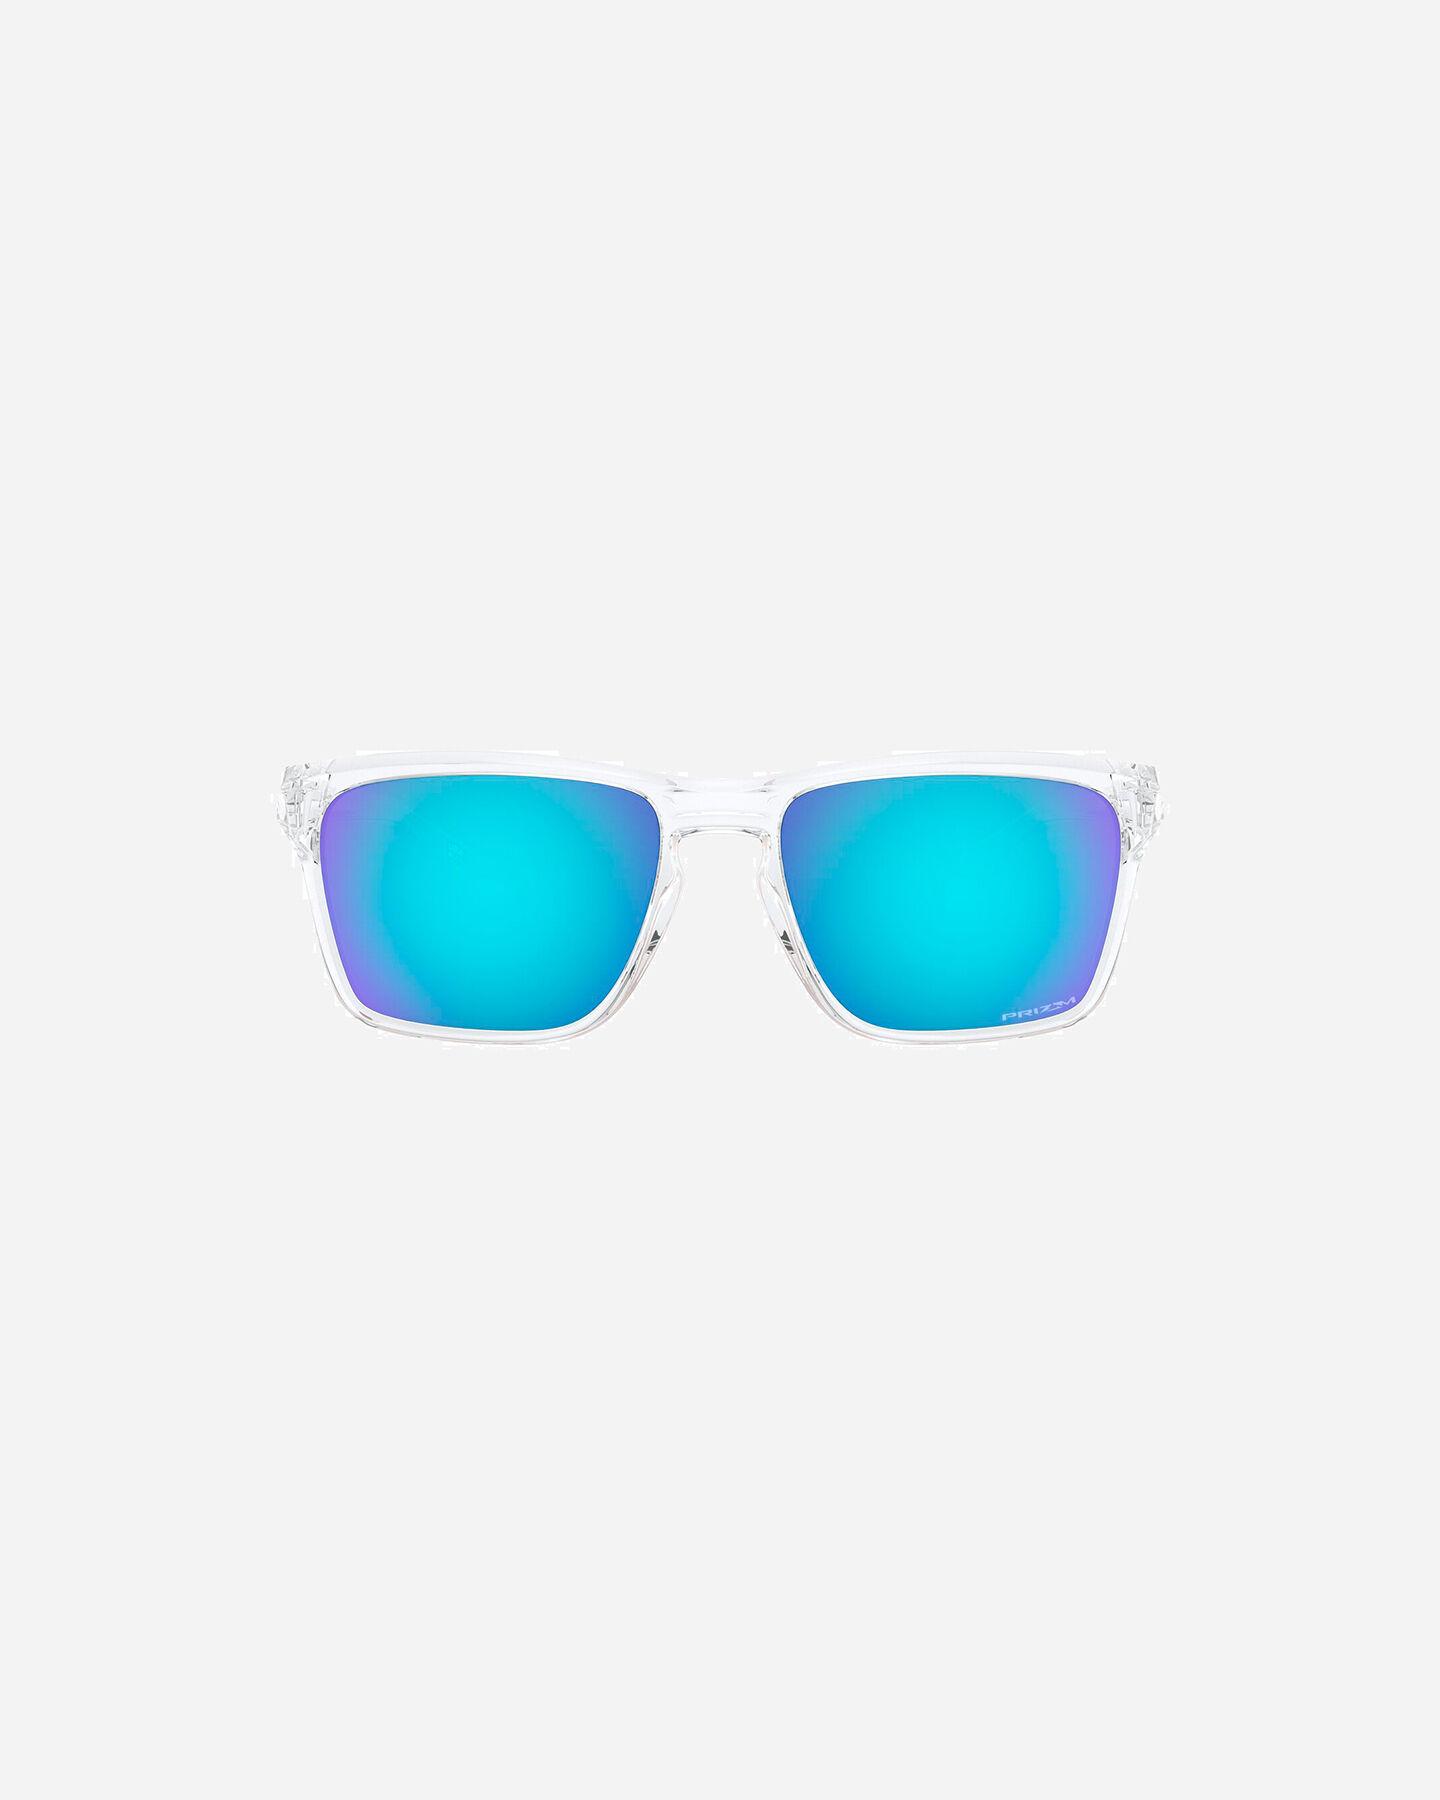 Occhiali OAKLEY SYLAS S5221236|0457|57 scatto 1